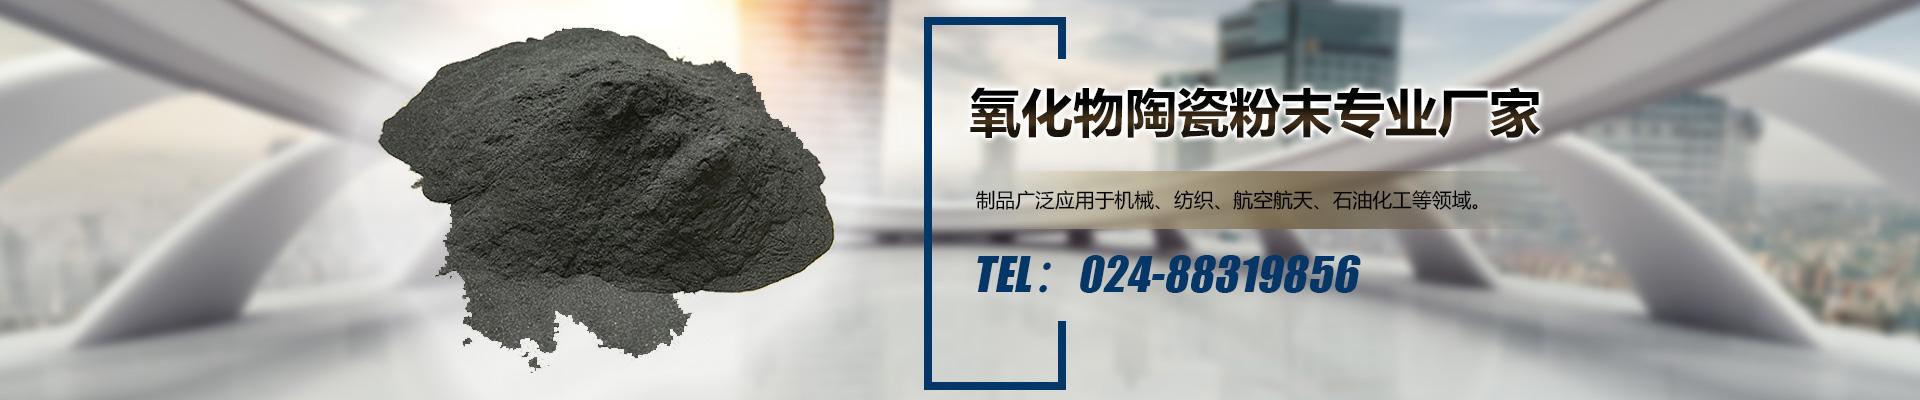 氧化铬陶瓷粉末